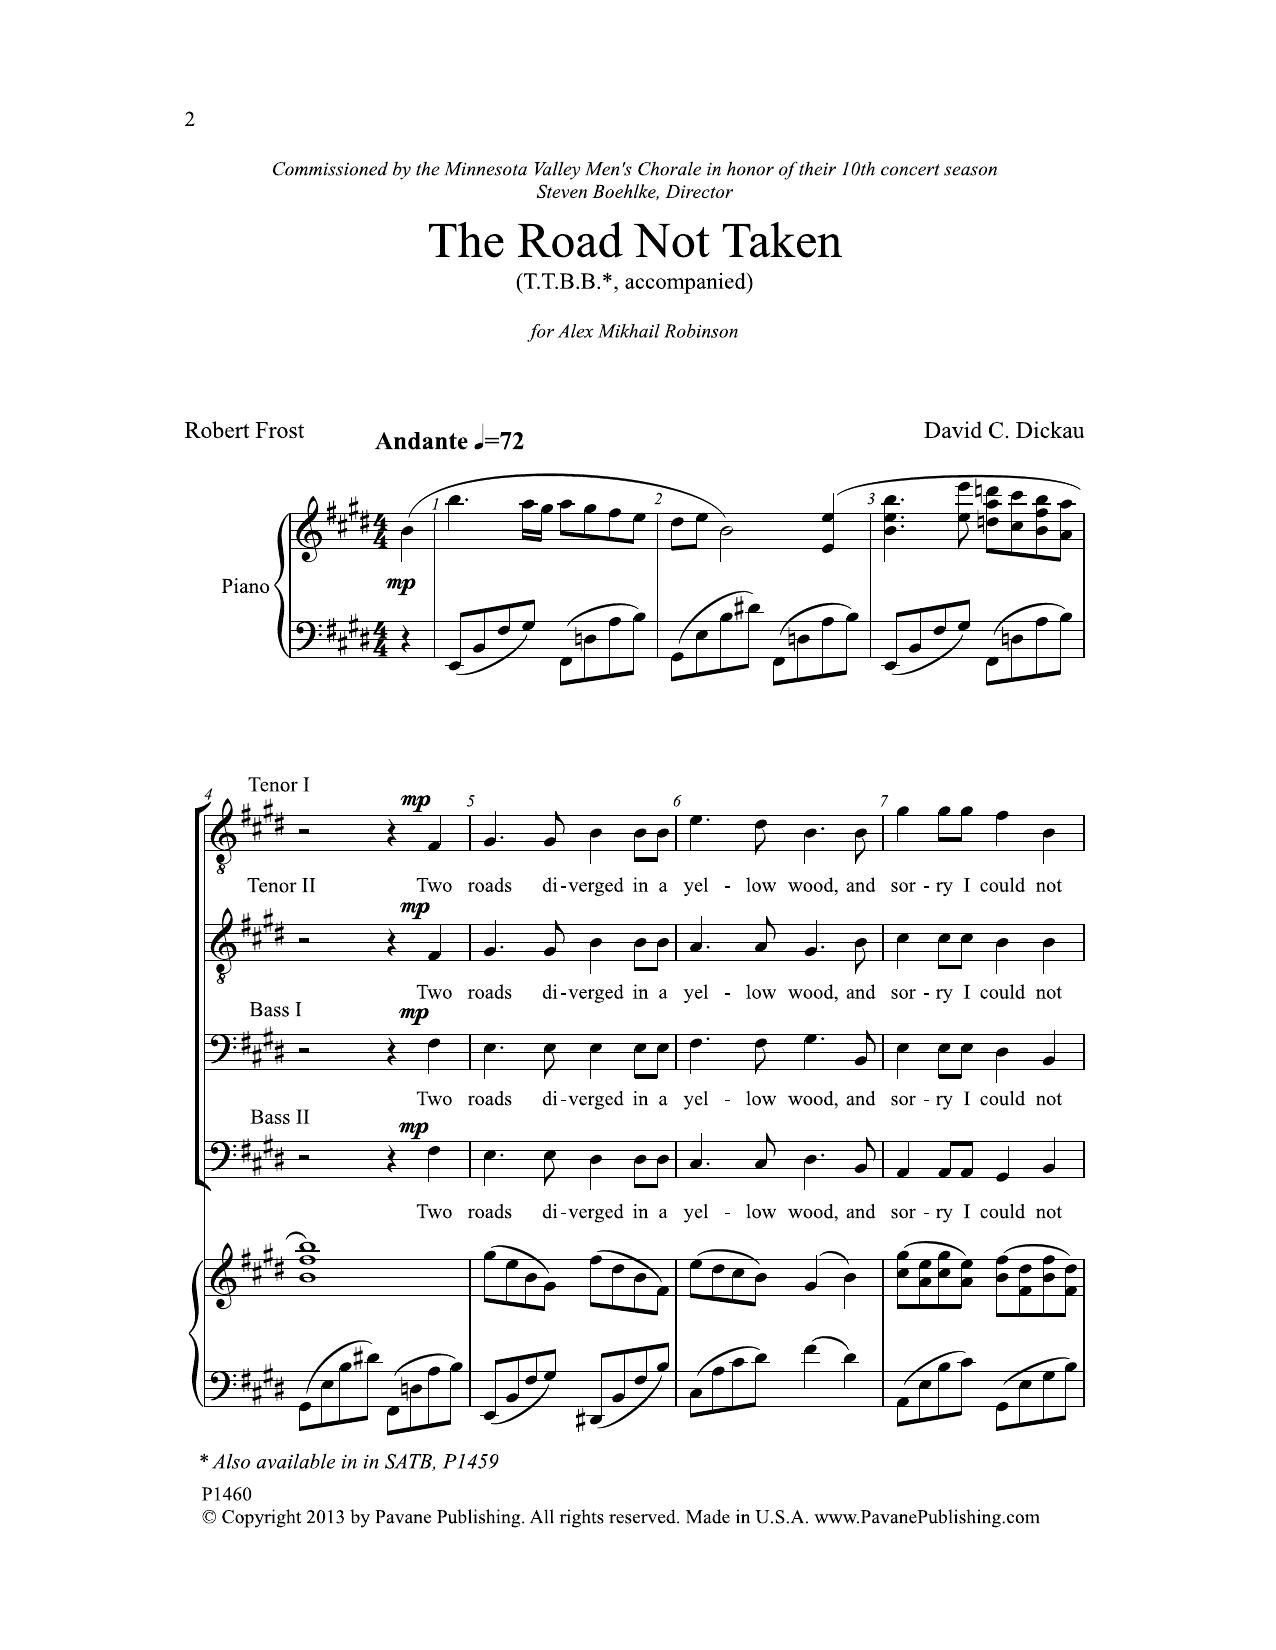 The Road Not Taken Sheet Music